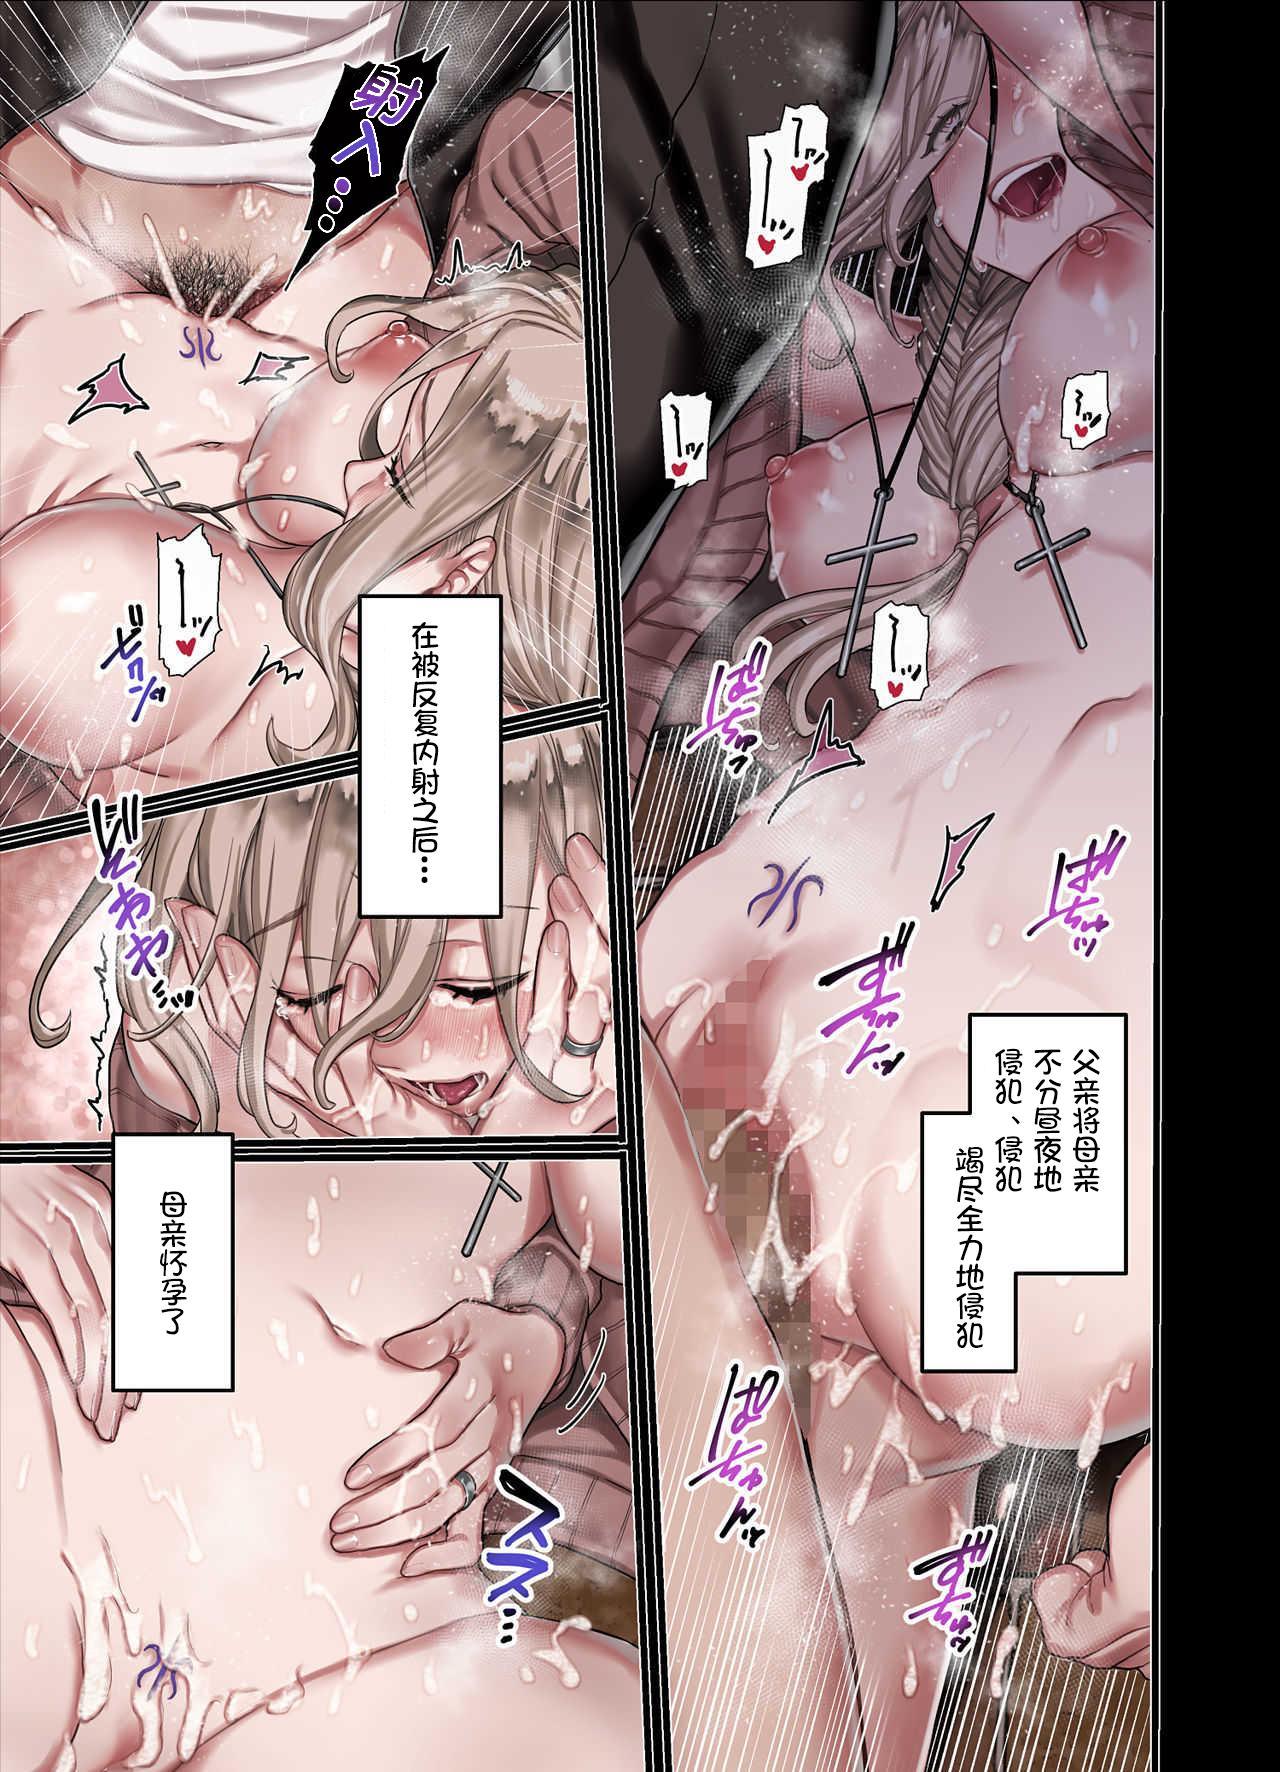 L Kyoukai to Itansha Ikka + 58